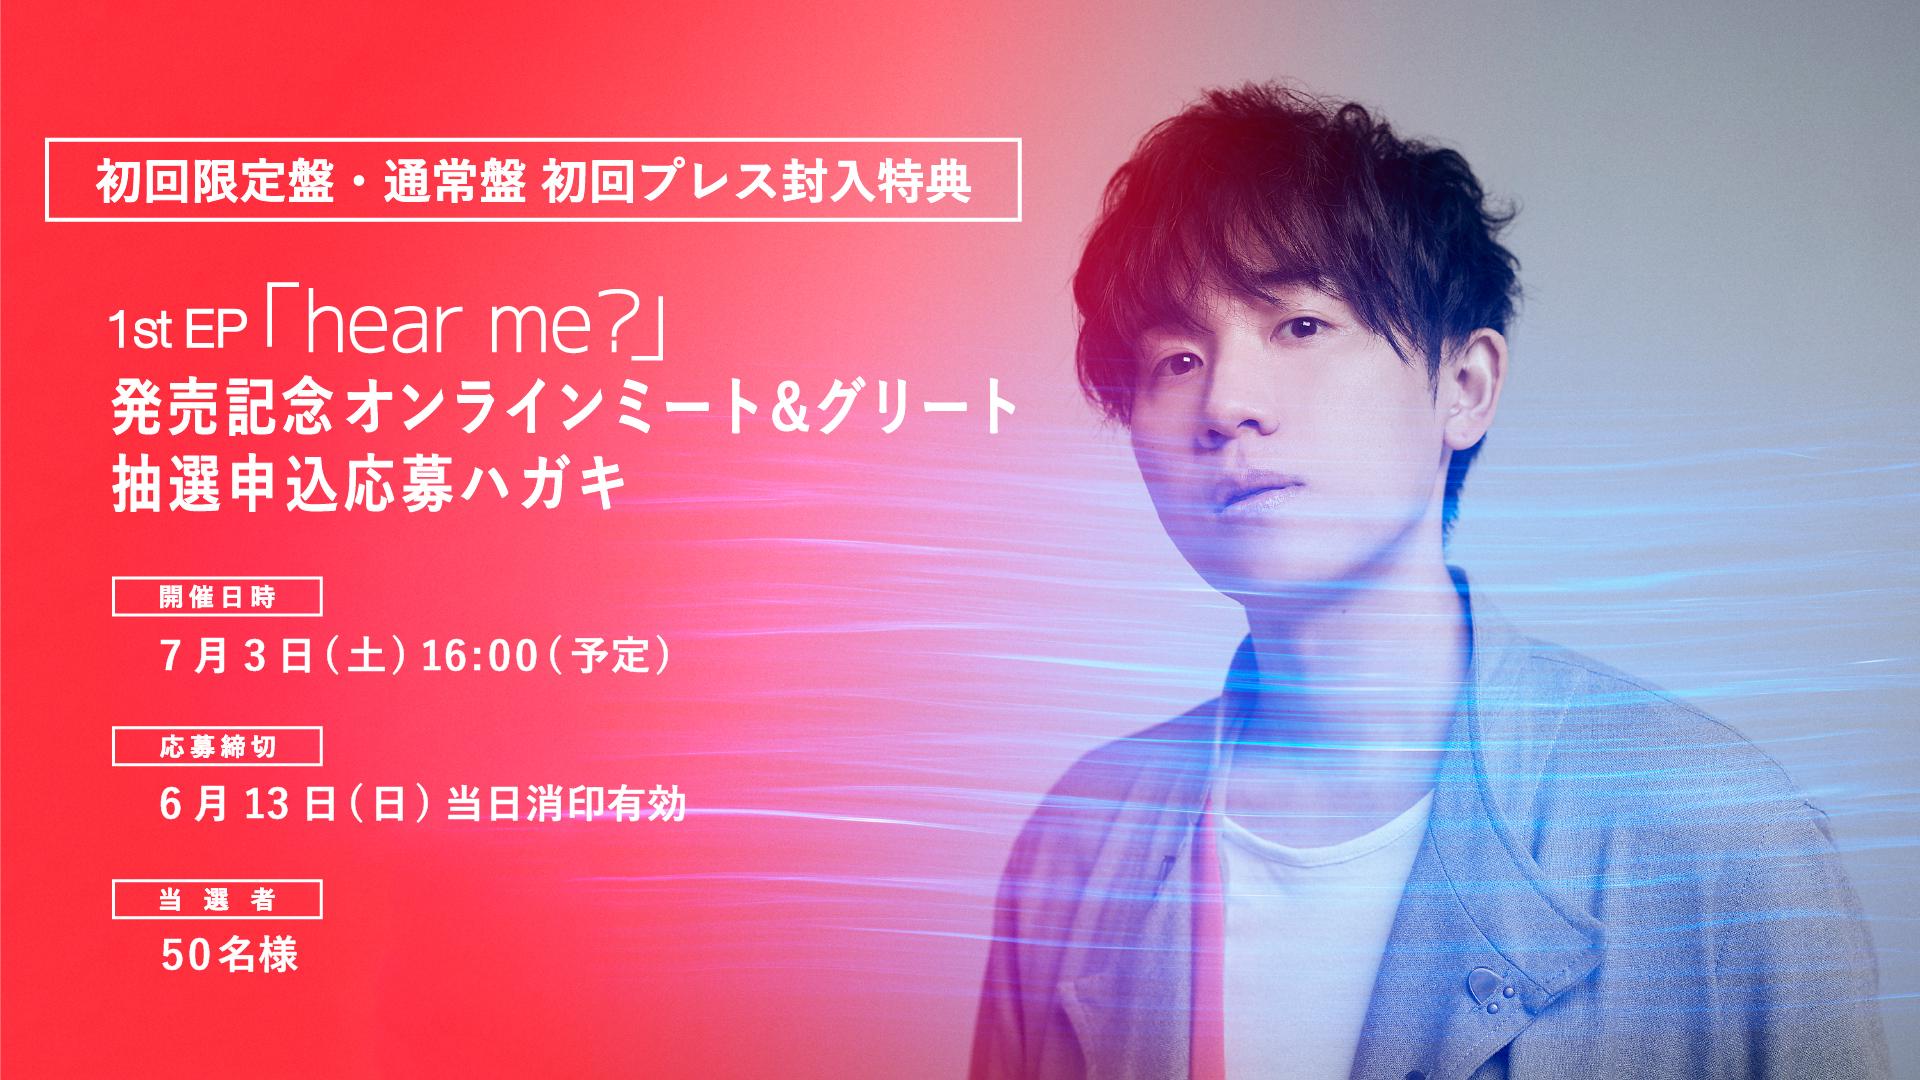 1st EP「hear me?」発売記念 オンラインミート&グリート開催決定!